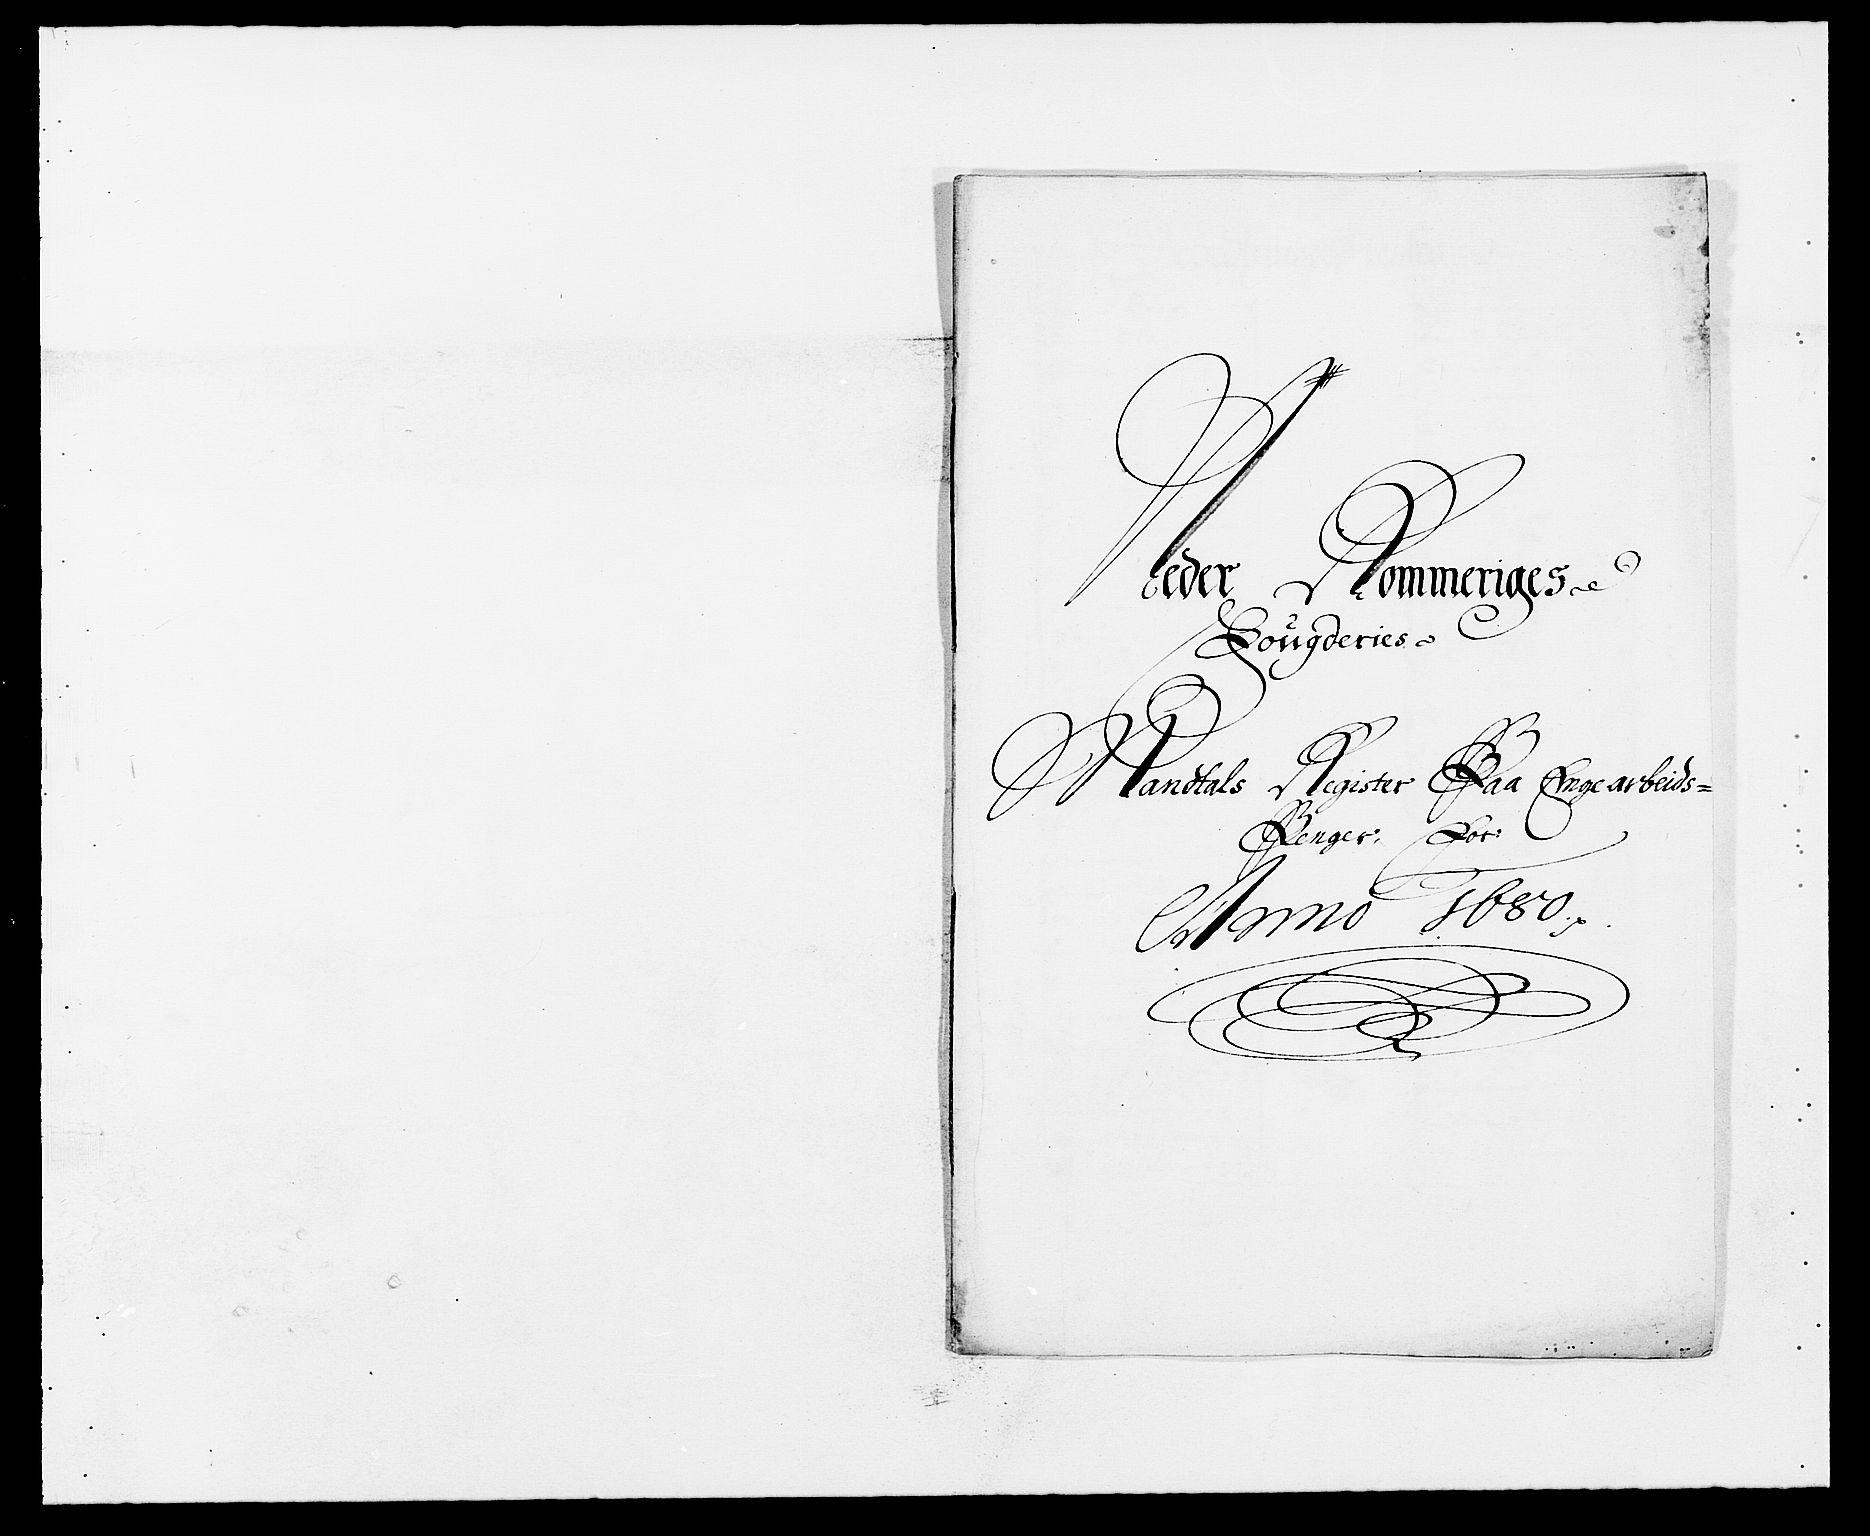 RA, Rentekammeret inntil 1814, Reviderte regnskaper, Fogderegnskap, R11/L0569: Fogderegnskap Nedre Romerike, 1680-1681, s. 134